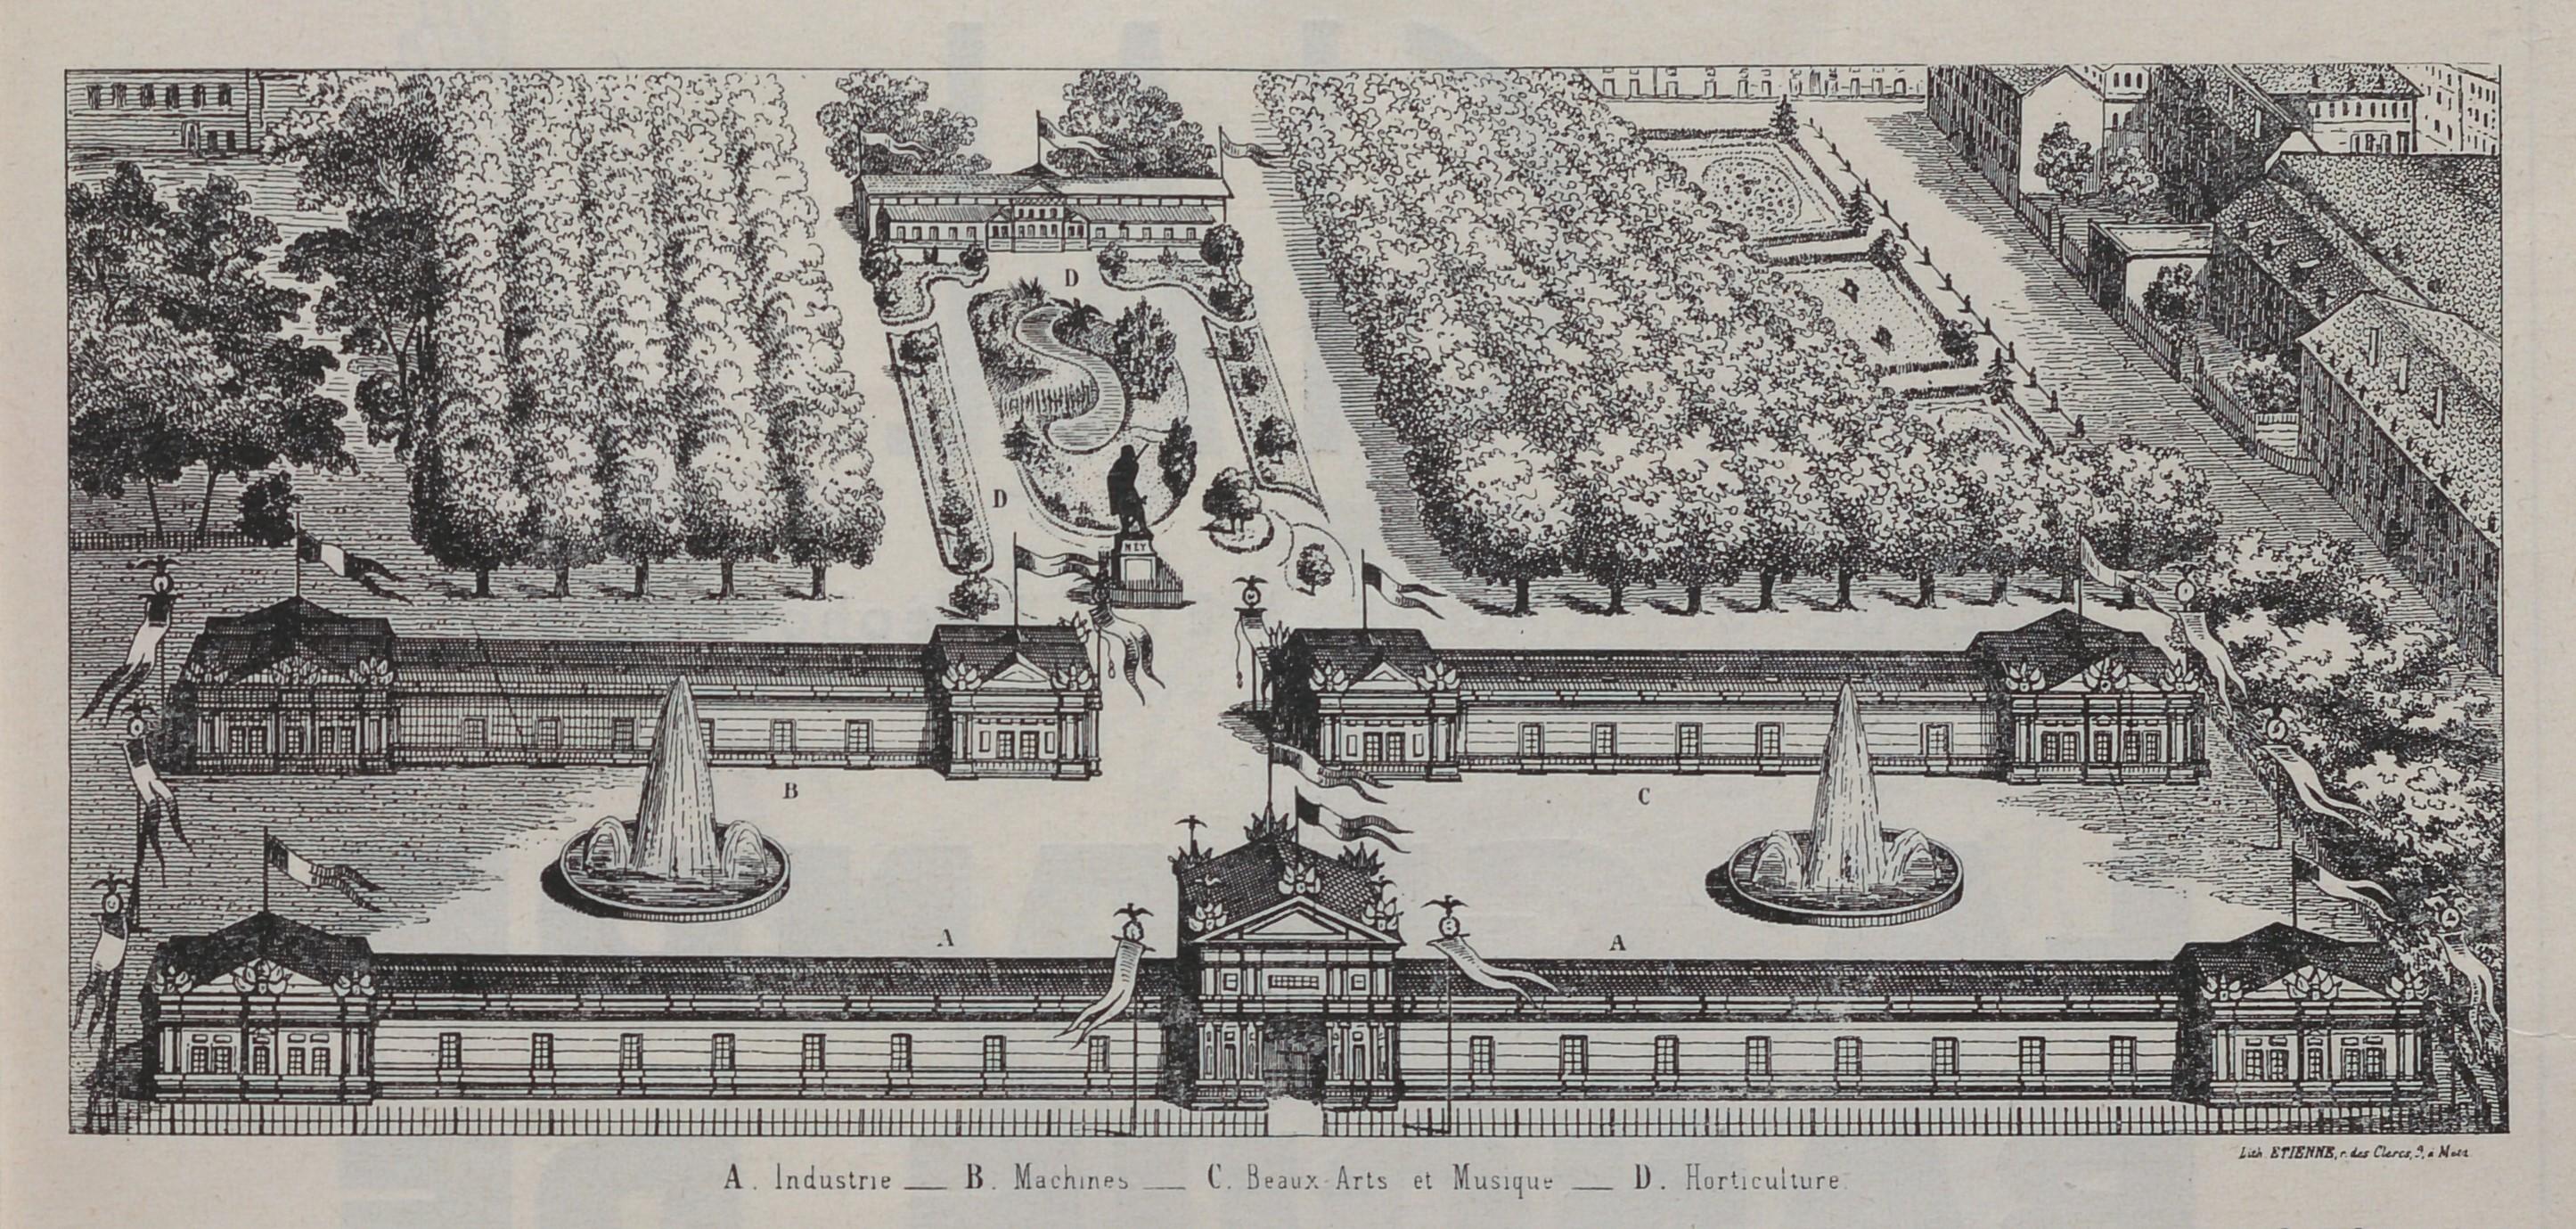 Contenu du Plan de l'Exposition universelle de Metz (extrait de Centenaire de l'exposition universelle de Metz)